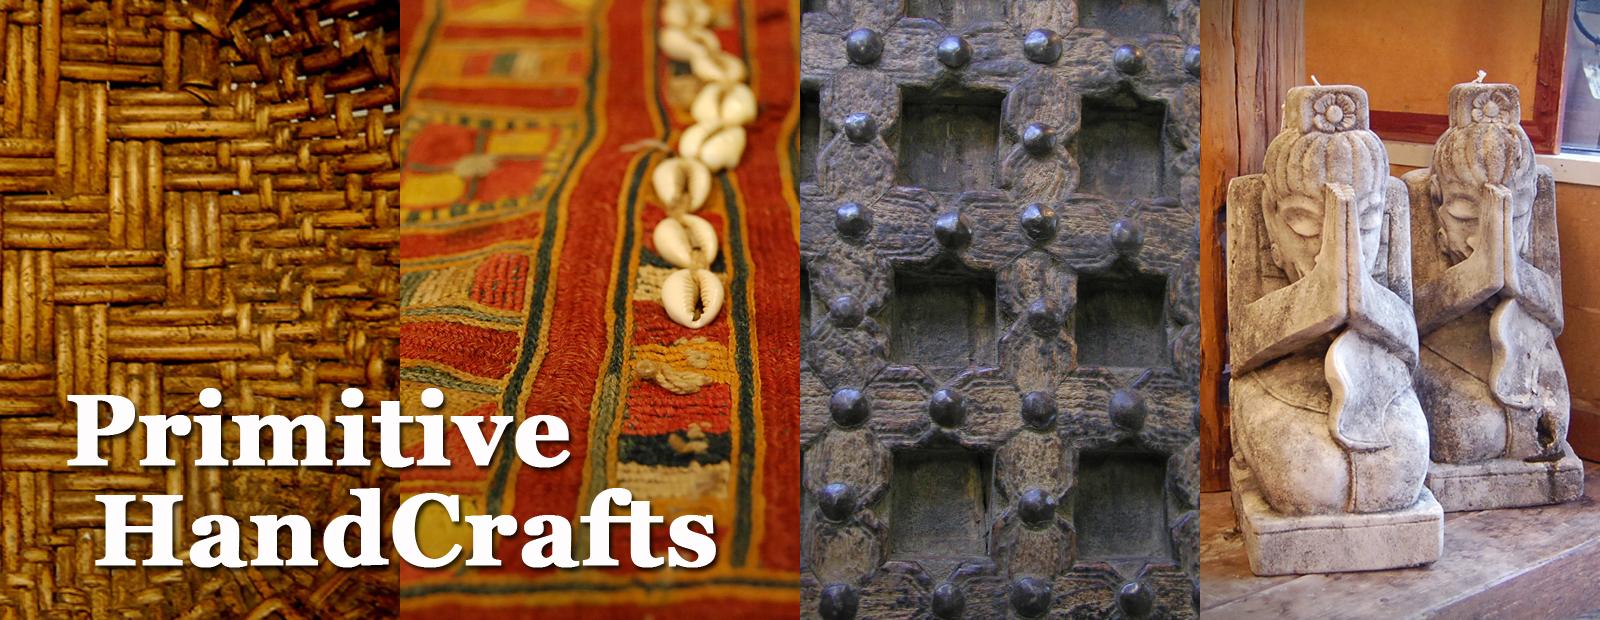 プリミティブ エスニック トライバル インテリア 手作り 民族的 木彫 手刺繍 石彫